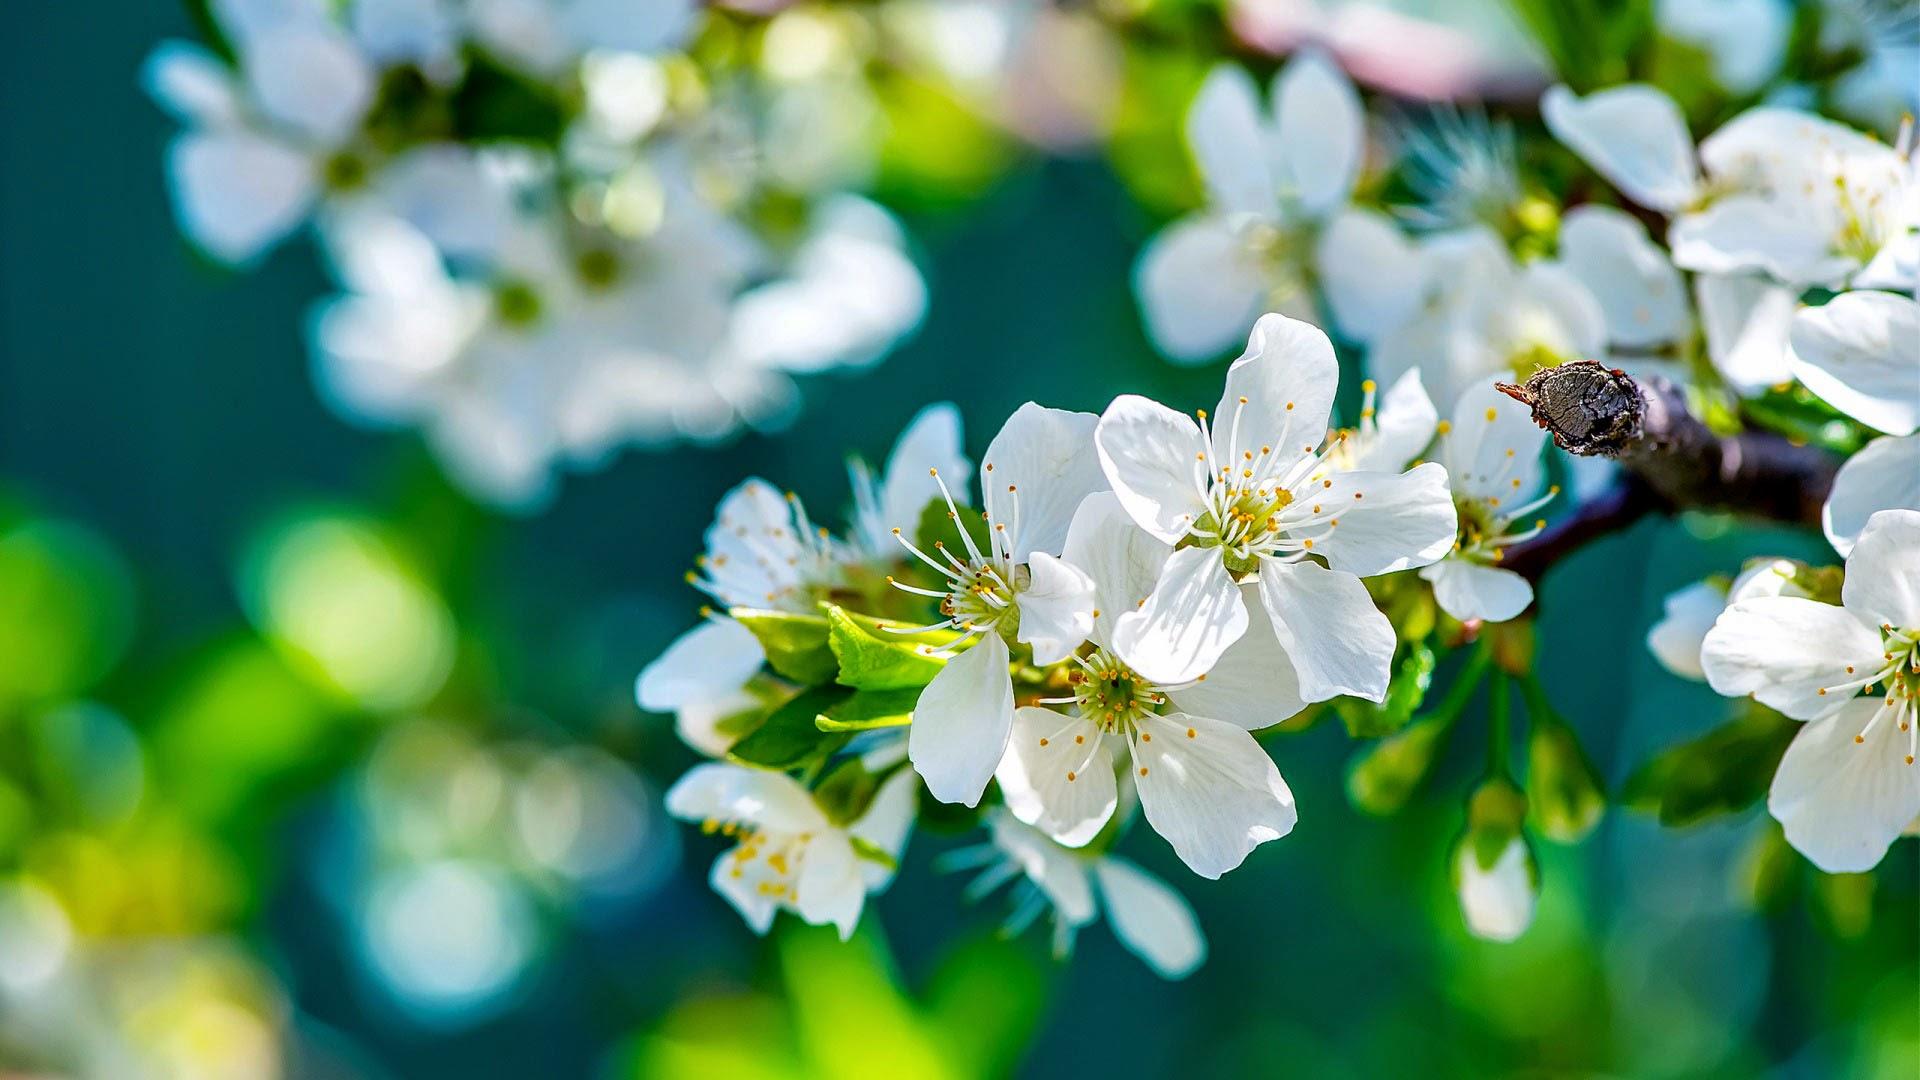 Papel de Parede Flores da Maçã Papel de Parede 3D DNA para pc hd 3d grátis flowers wallpapers hd image free